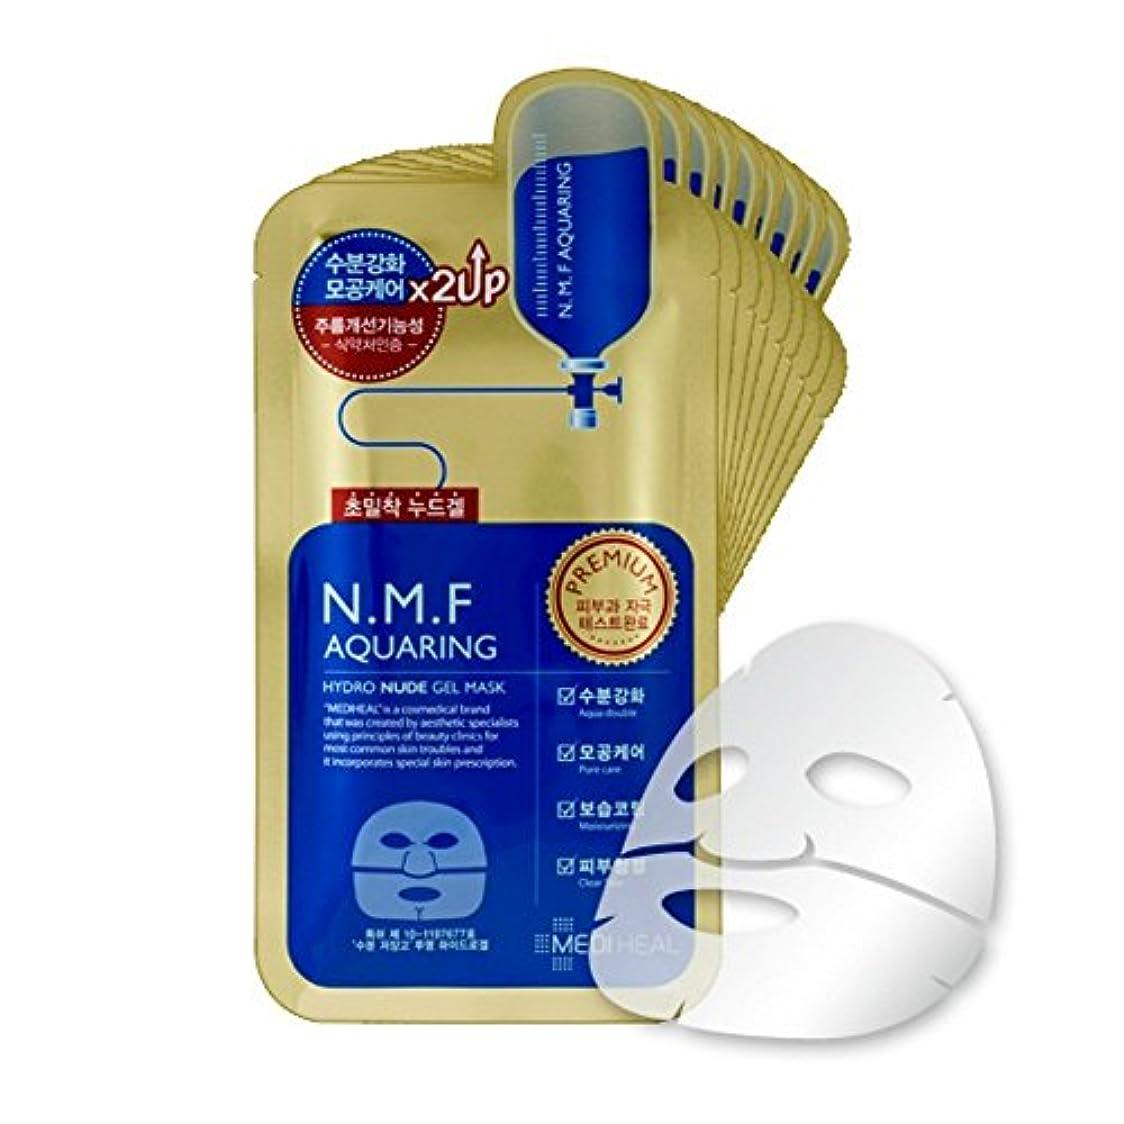 シーサイド歌歩き回るMEDIHEAL メディヒール NMF アクアリング ヌード ゲルマスク (10枚) [Mediheal premium NMF AQUARING Hydro Nude Gel 10 sheets] [並行輸入品]